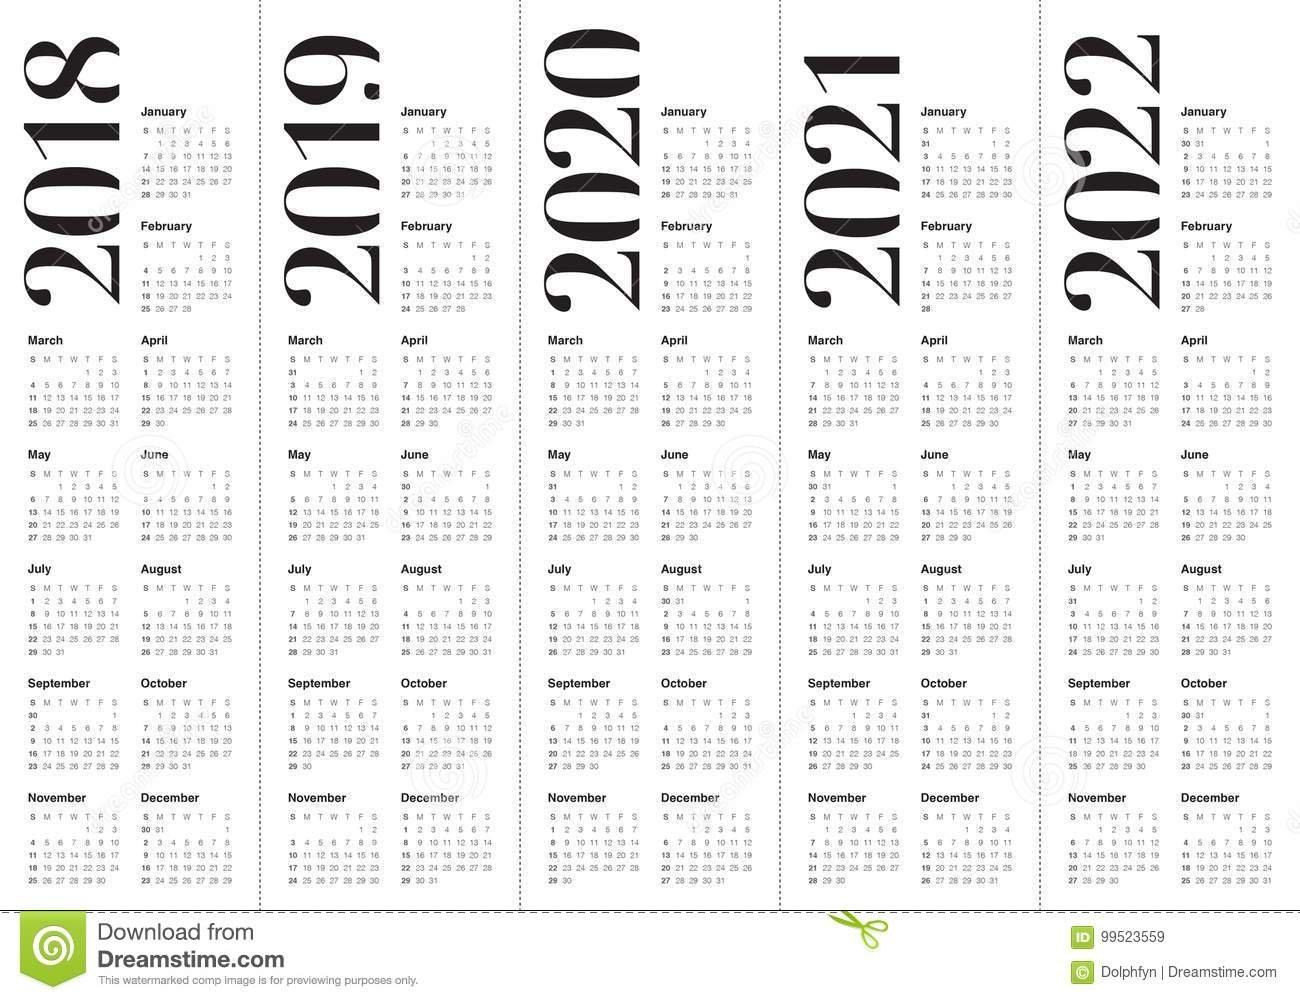 Year 2018 2019 2020 2021 2022 Calendar Vector Stock Vector 4 Year Calendar 2019 To 2022